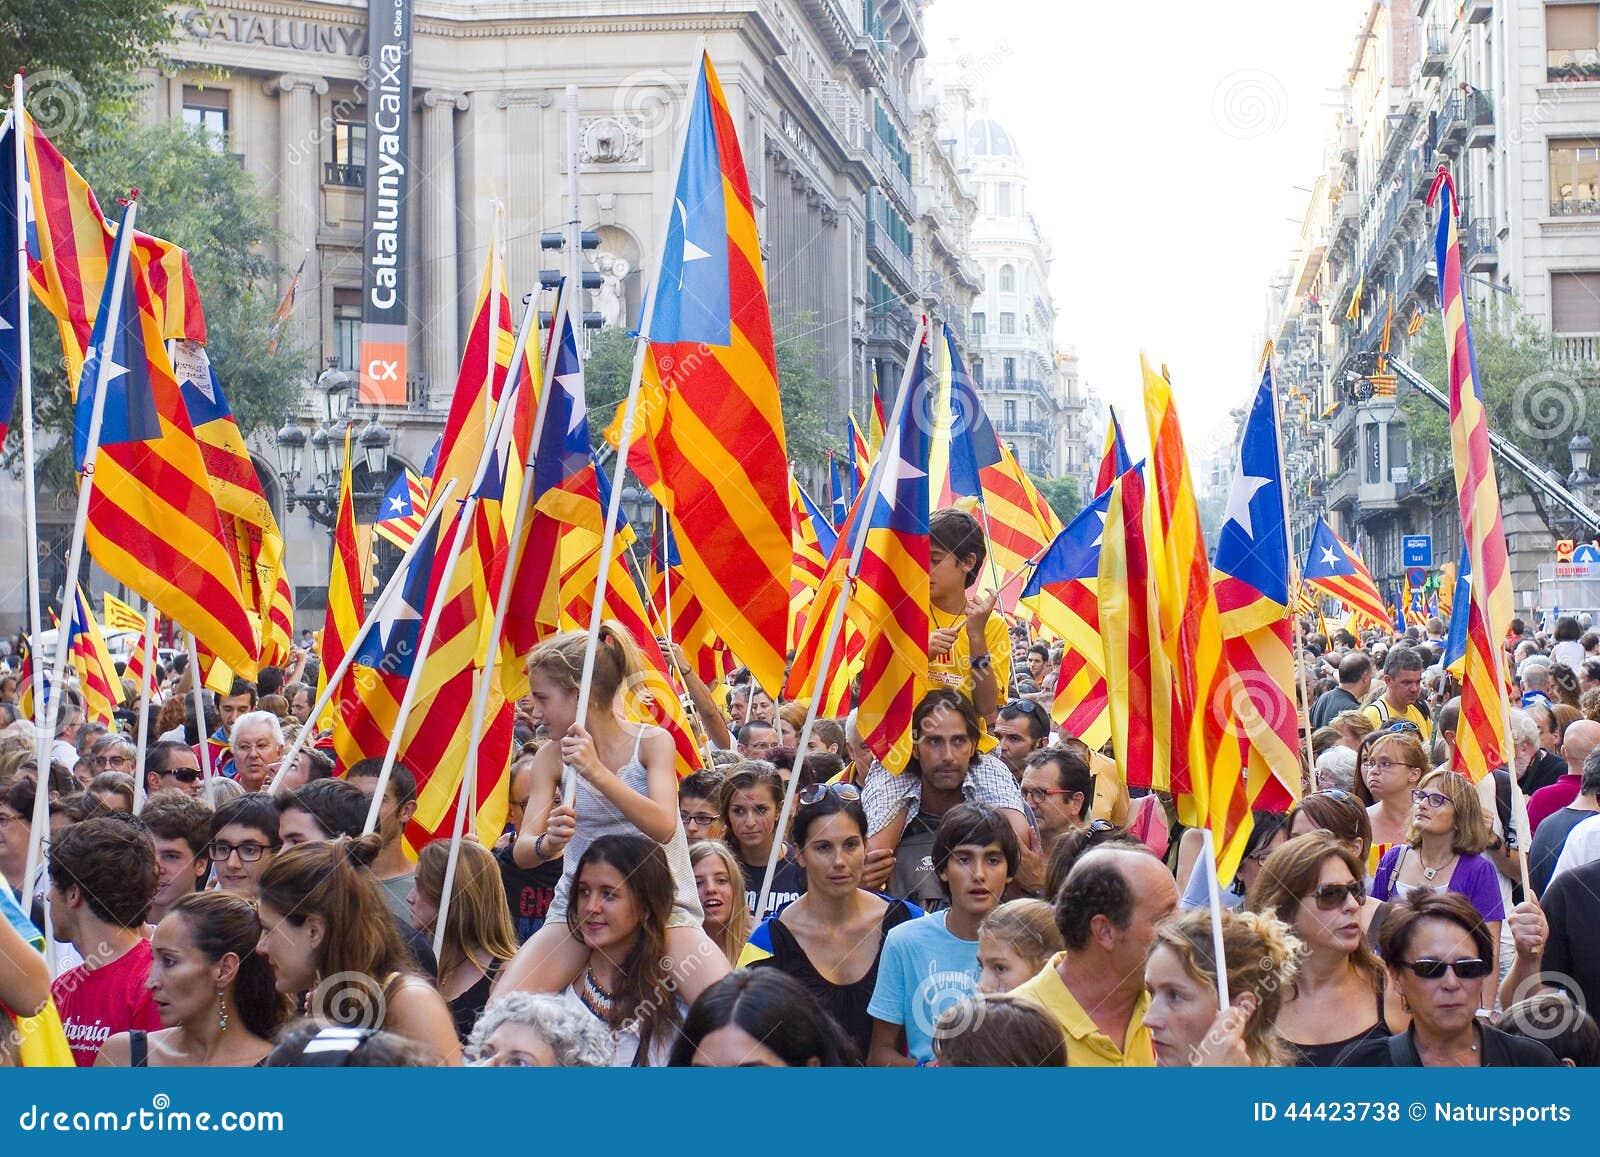 Risultati immagini per FOTO DELLA PROTESTA DELLA CATALOGNA